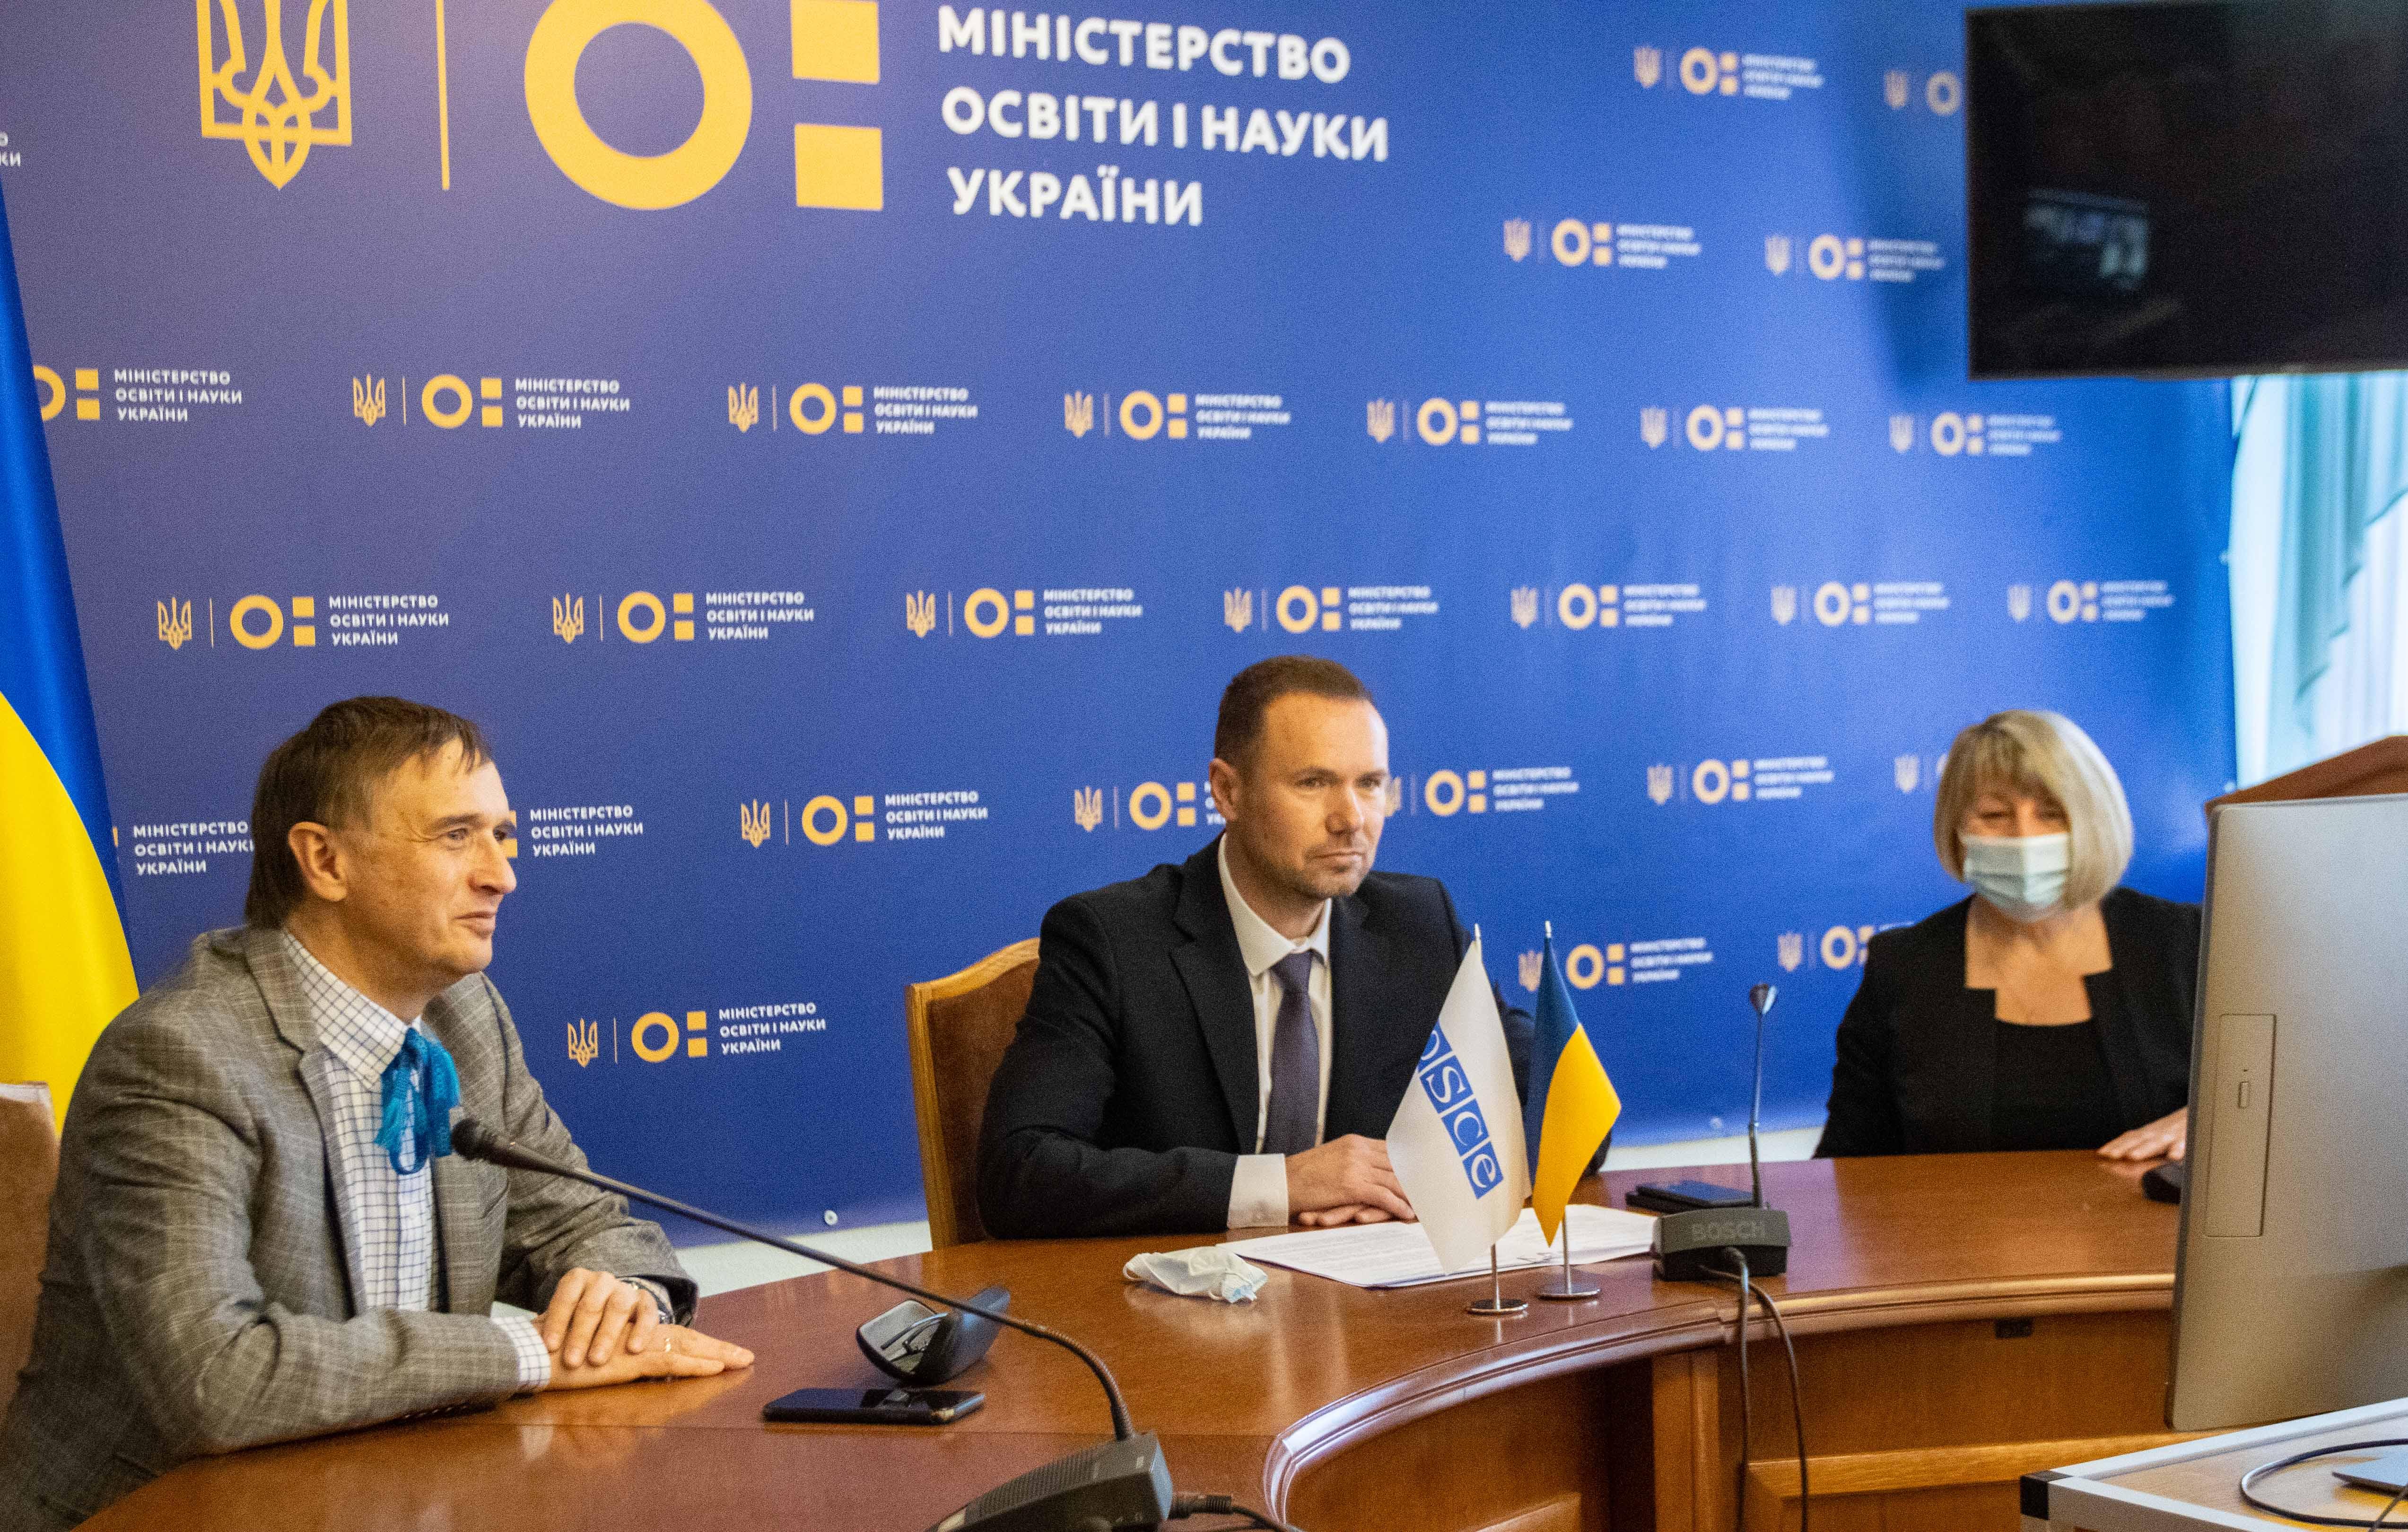 Україна здійснює необхідні заходи для повноцінного забезпечення освітніх прав представників національних меншин, – Сергій Шкарлет